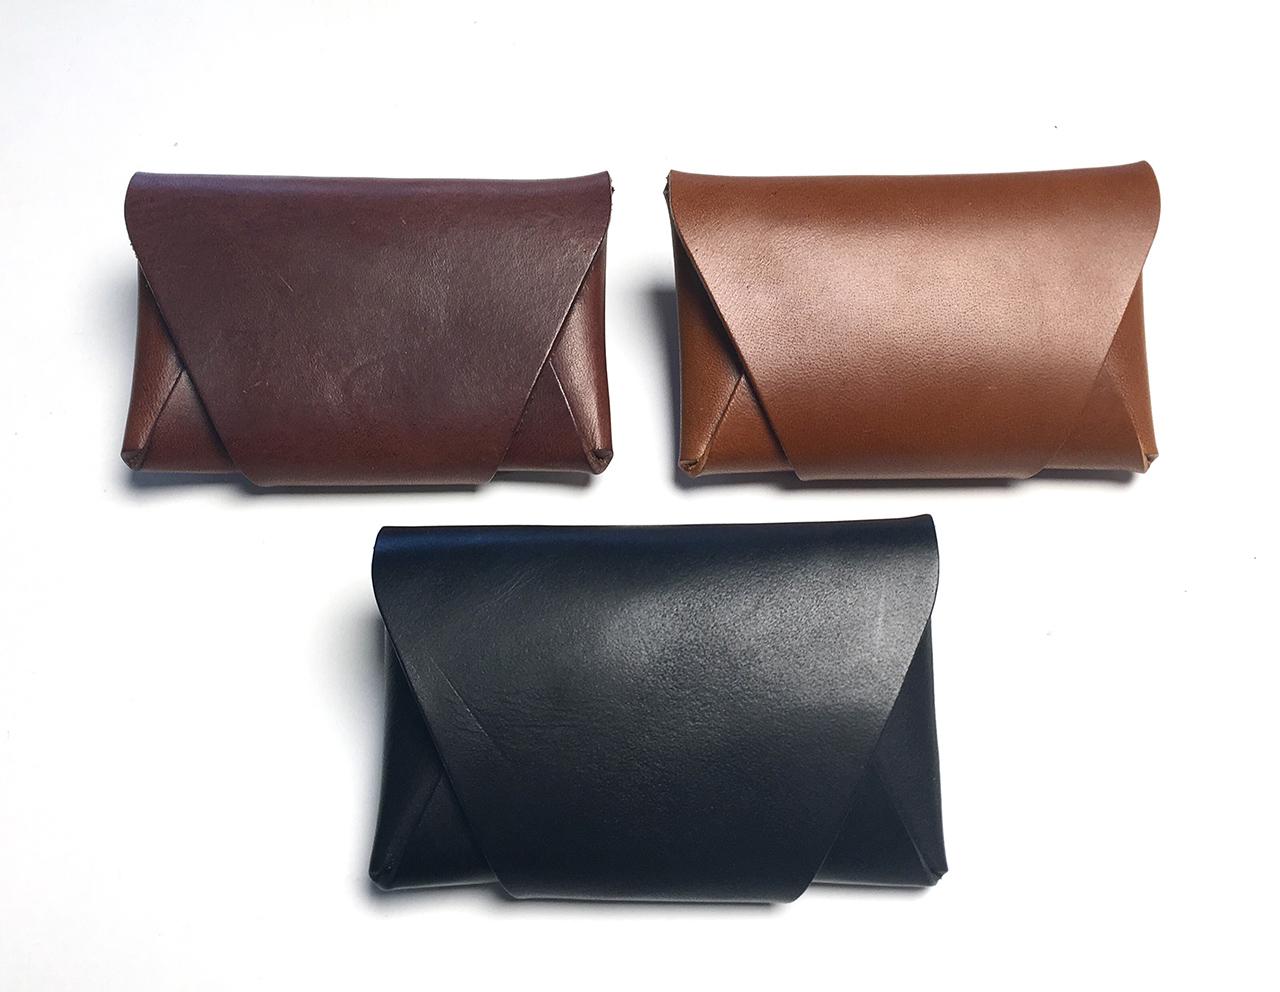 d8c09d1c11b Pisikest nahast pesa müntidele. Vutlar mahub mugavalt taskusse ja on  piisavalt suur, et mähkida endasse vajadusel ka sularaha ja kaardid.